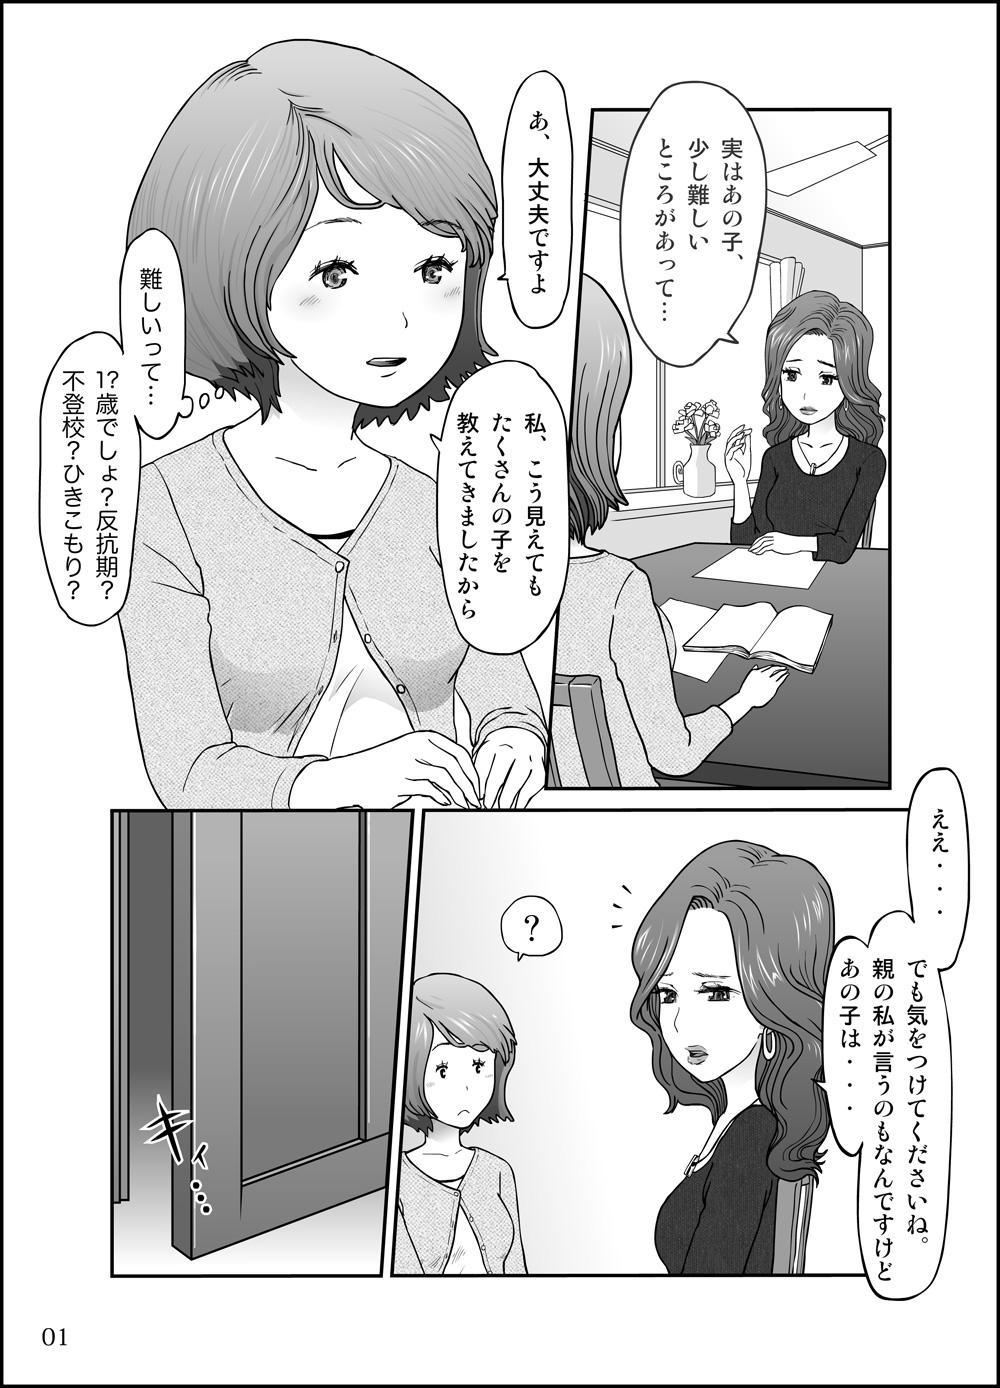 Shishun no Toge 2